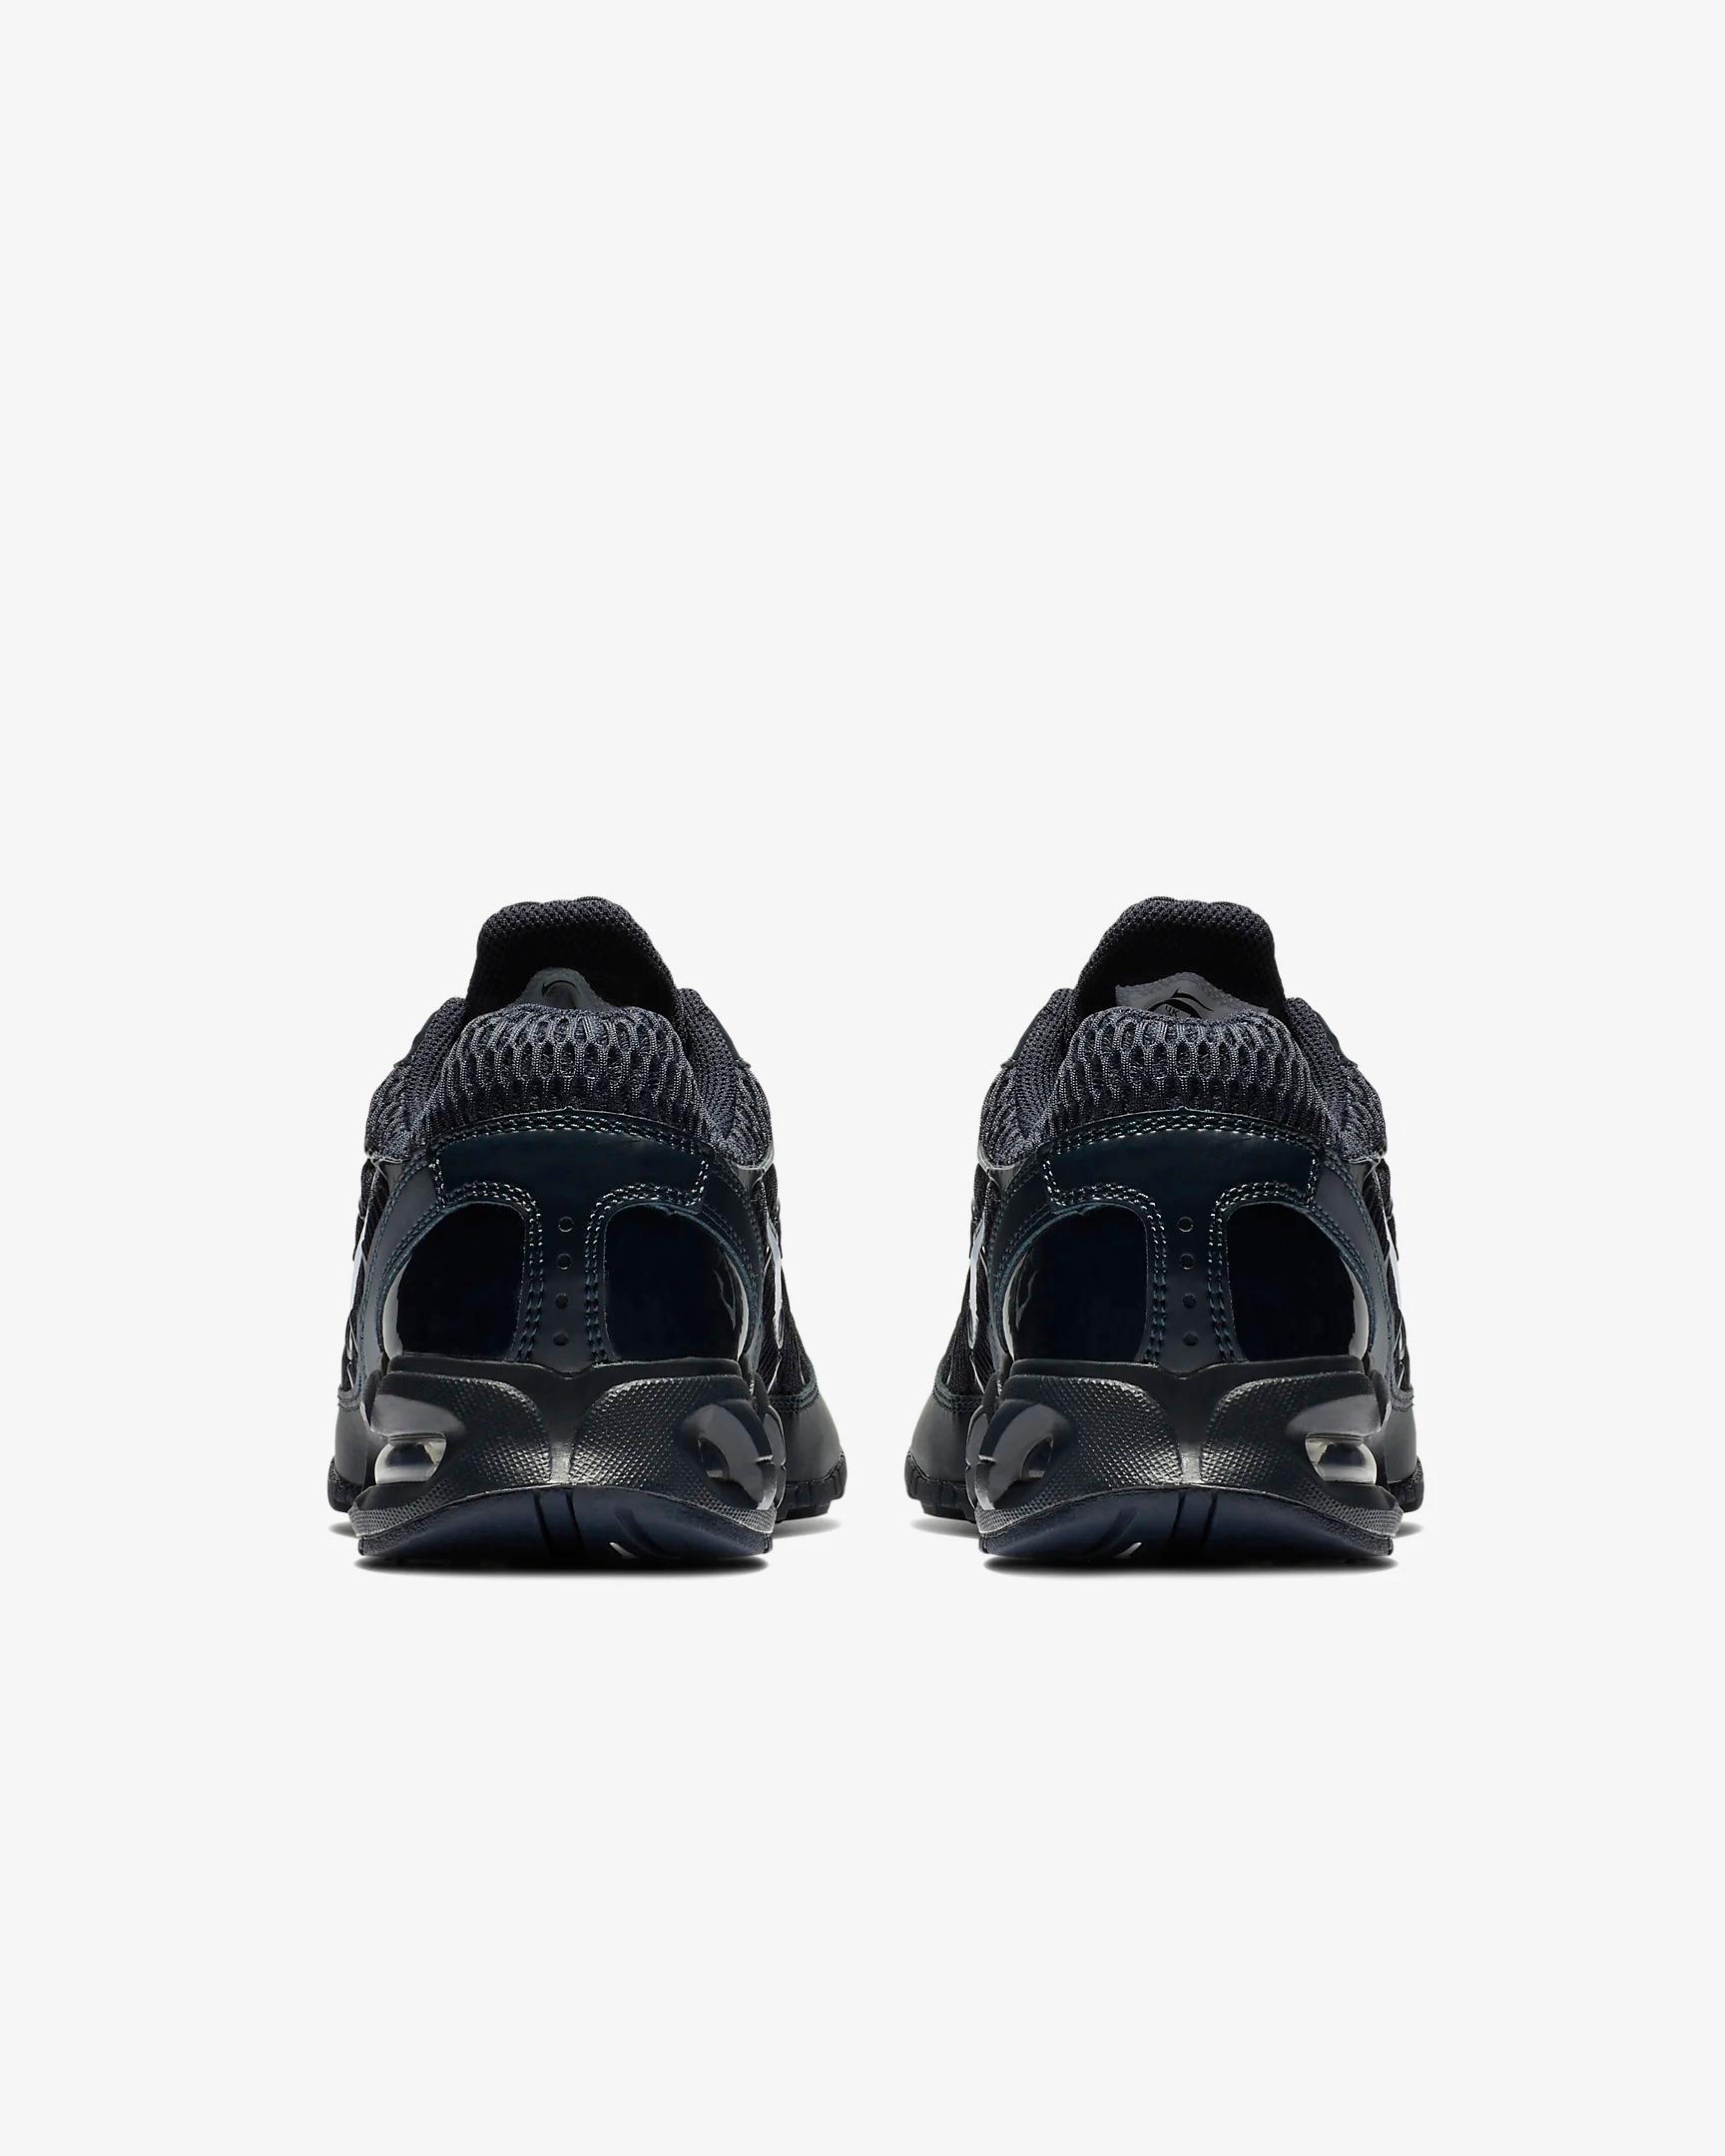 Nike Air Max Torch 4 90 5 27 tn shox NOWE r.41 46 8875495170